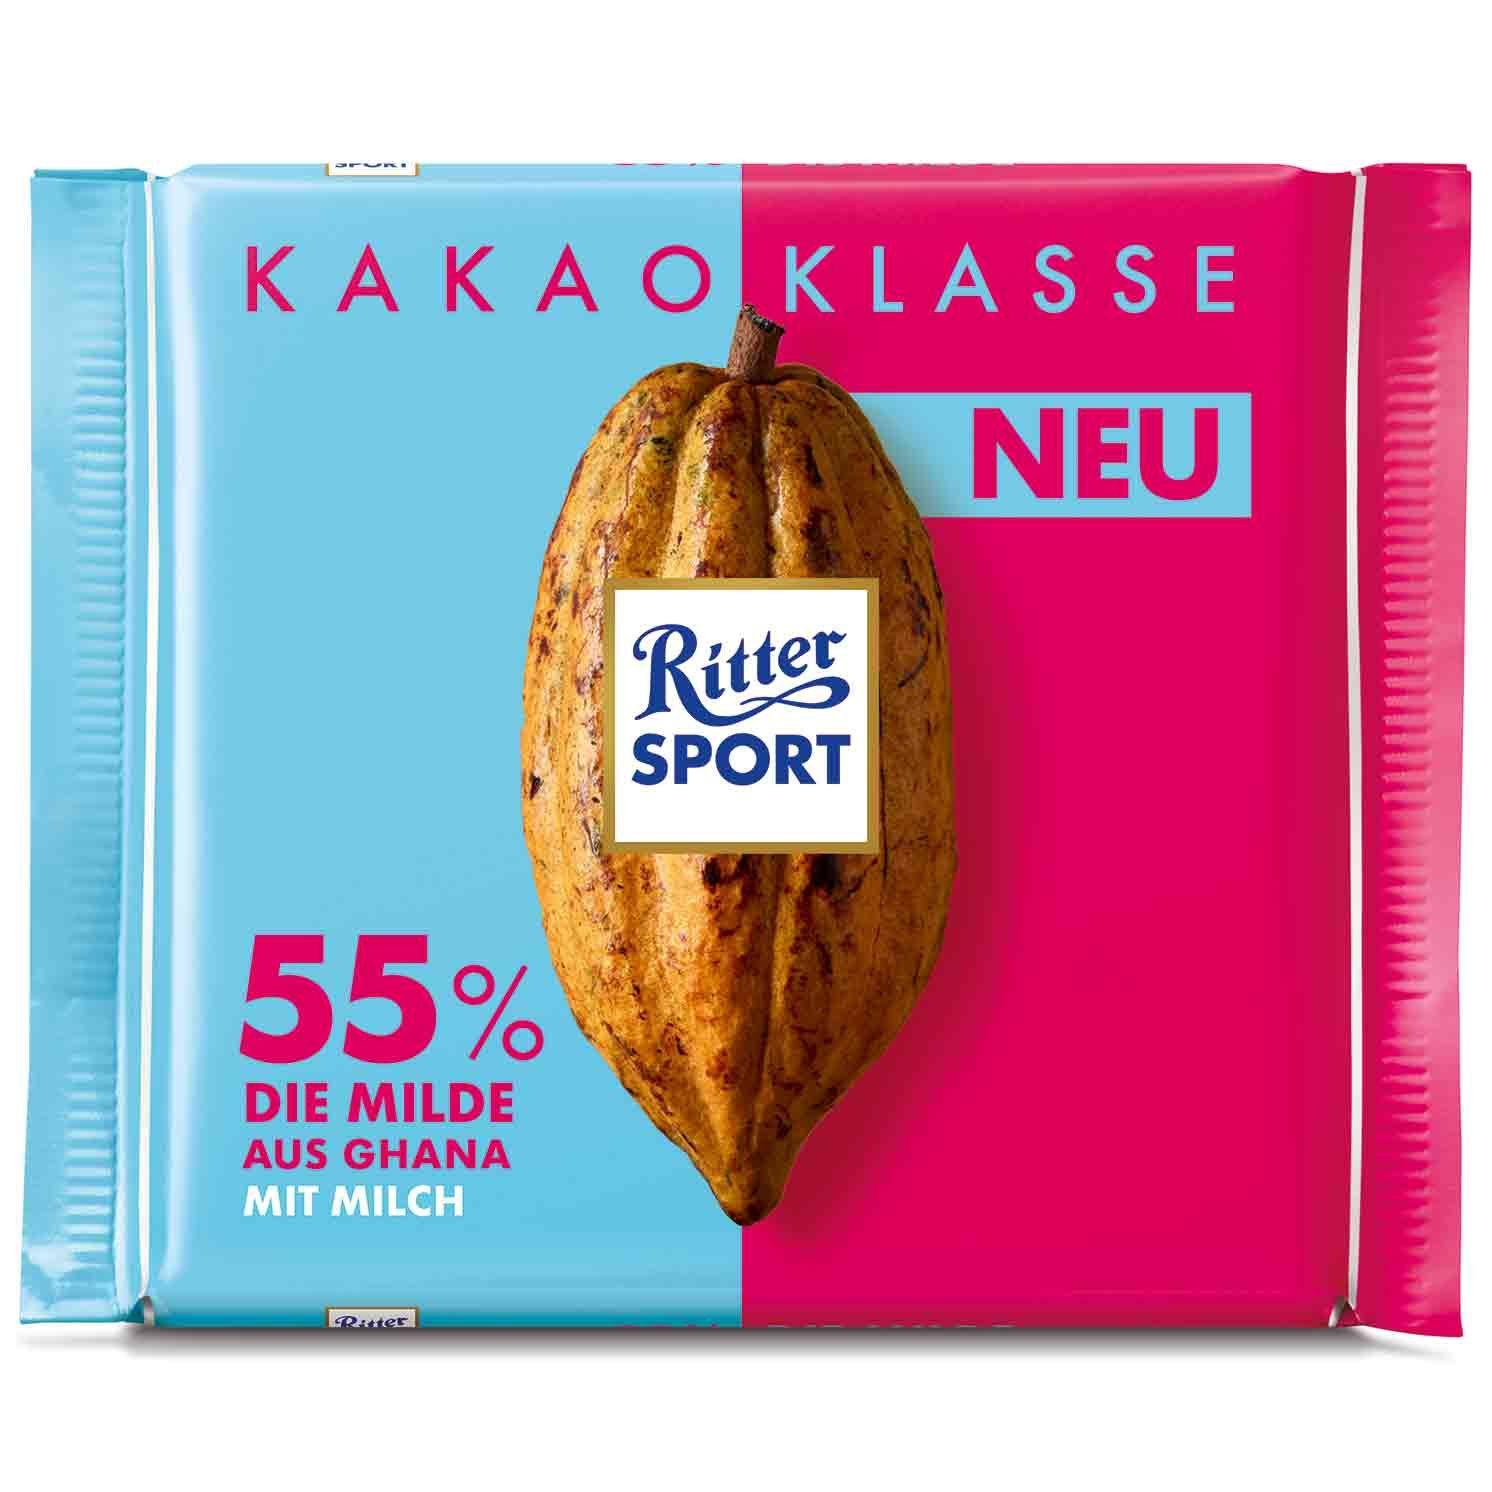 Pin von Luisa Kiesecker auf Schokolade (mit Bildern